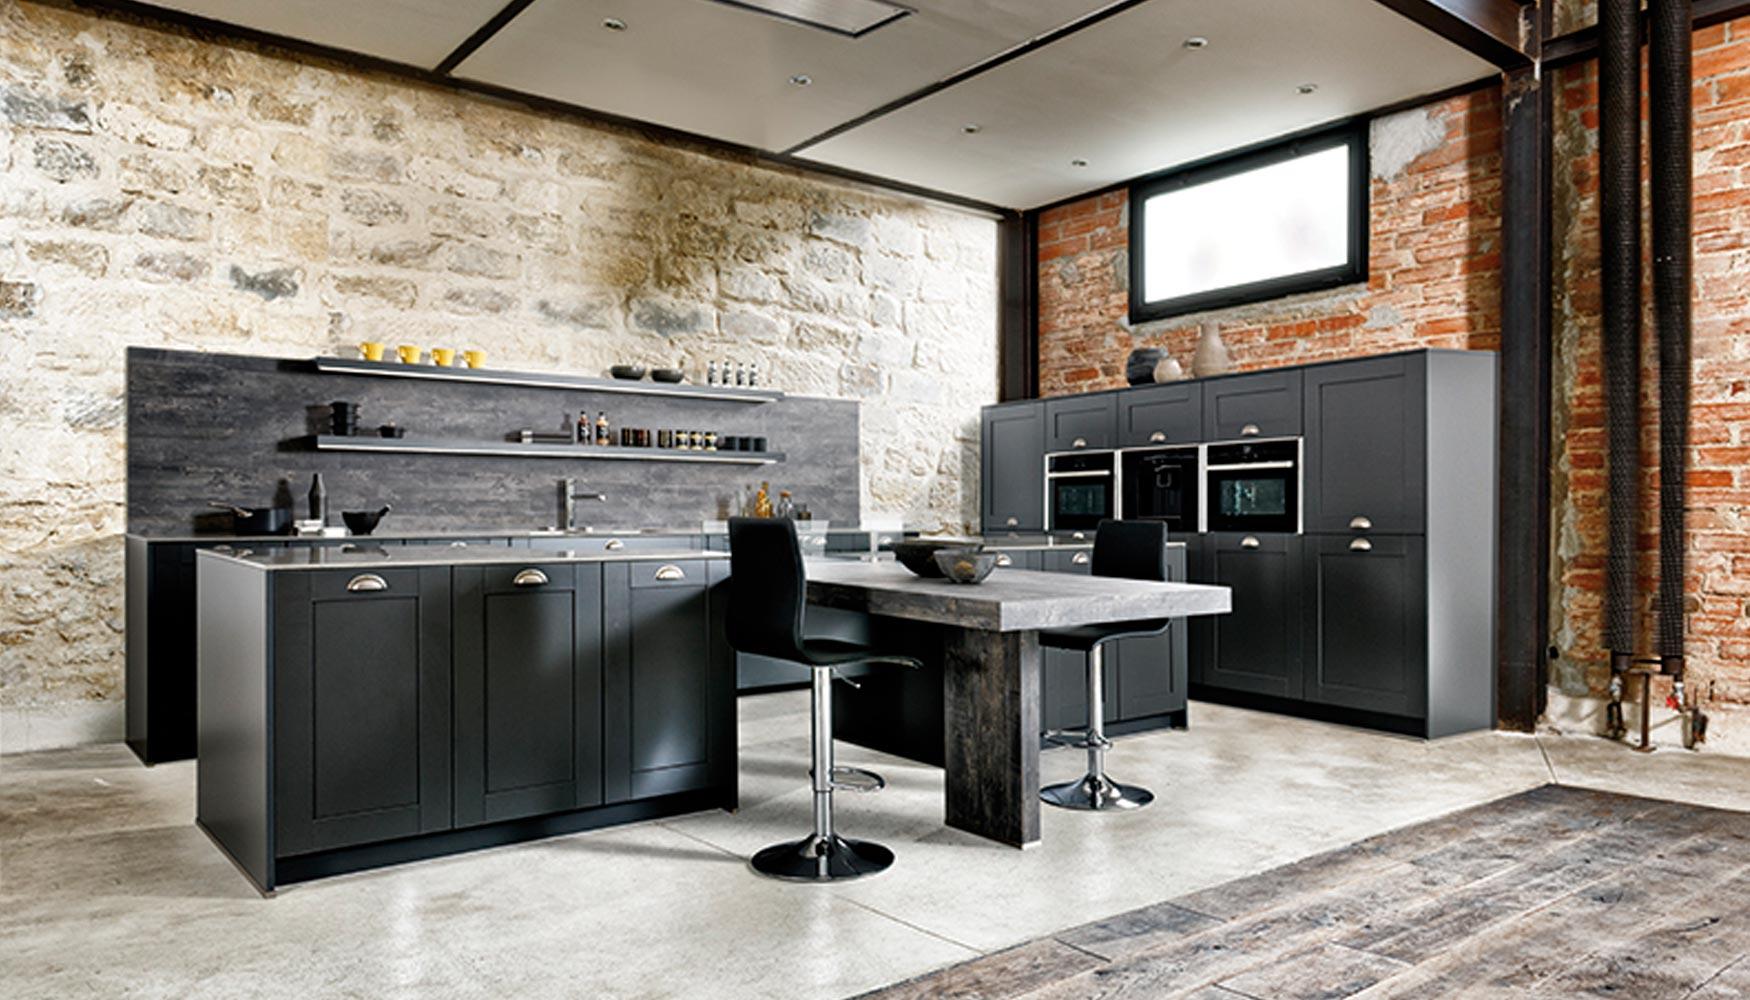 Muebles de cocina schmidt transporte por carretera en for Cocinas dica precios